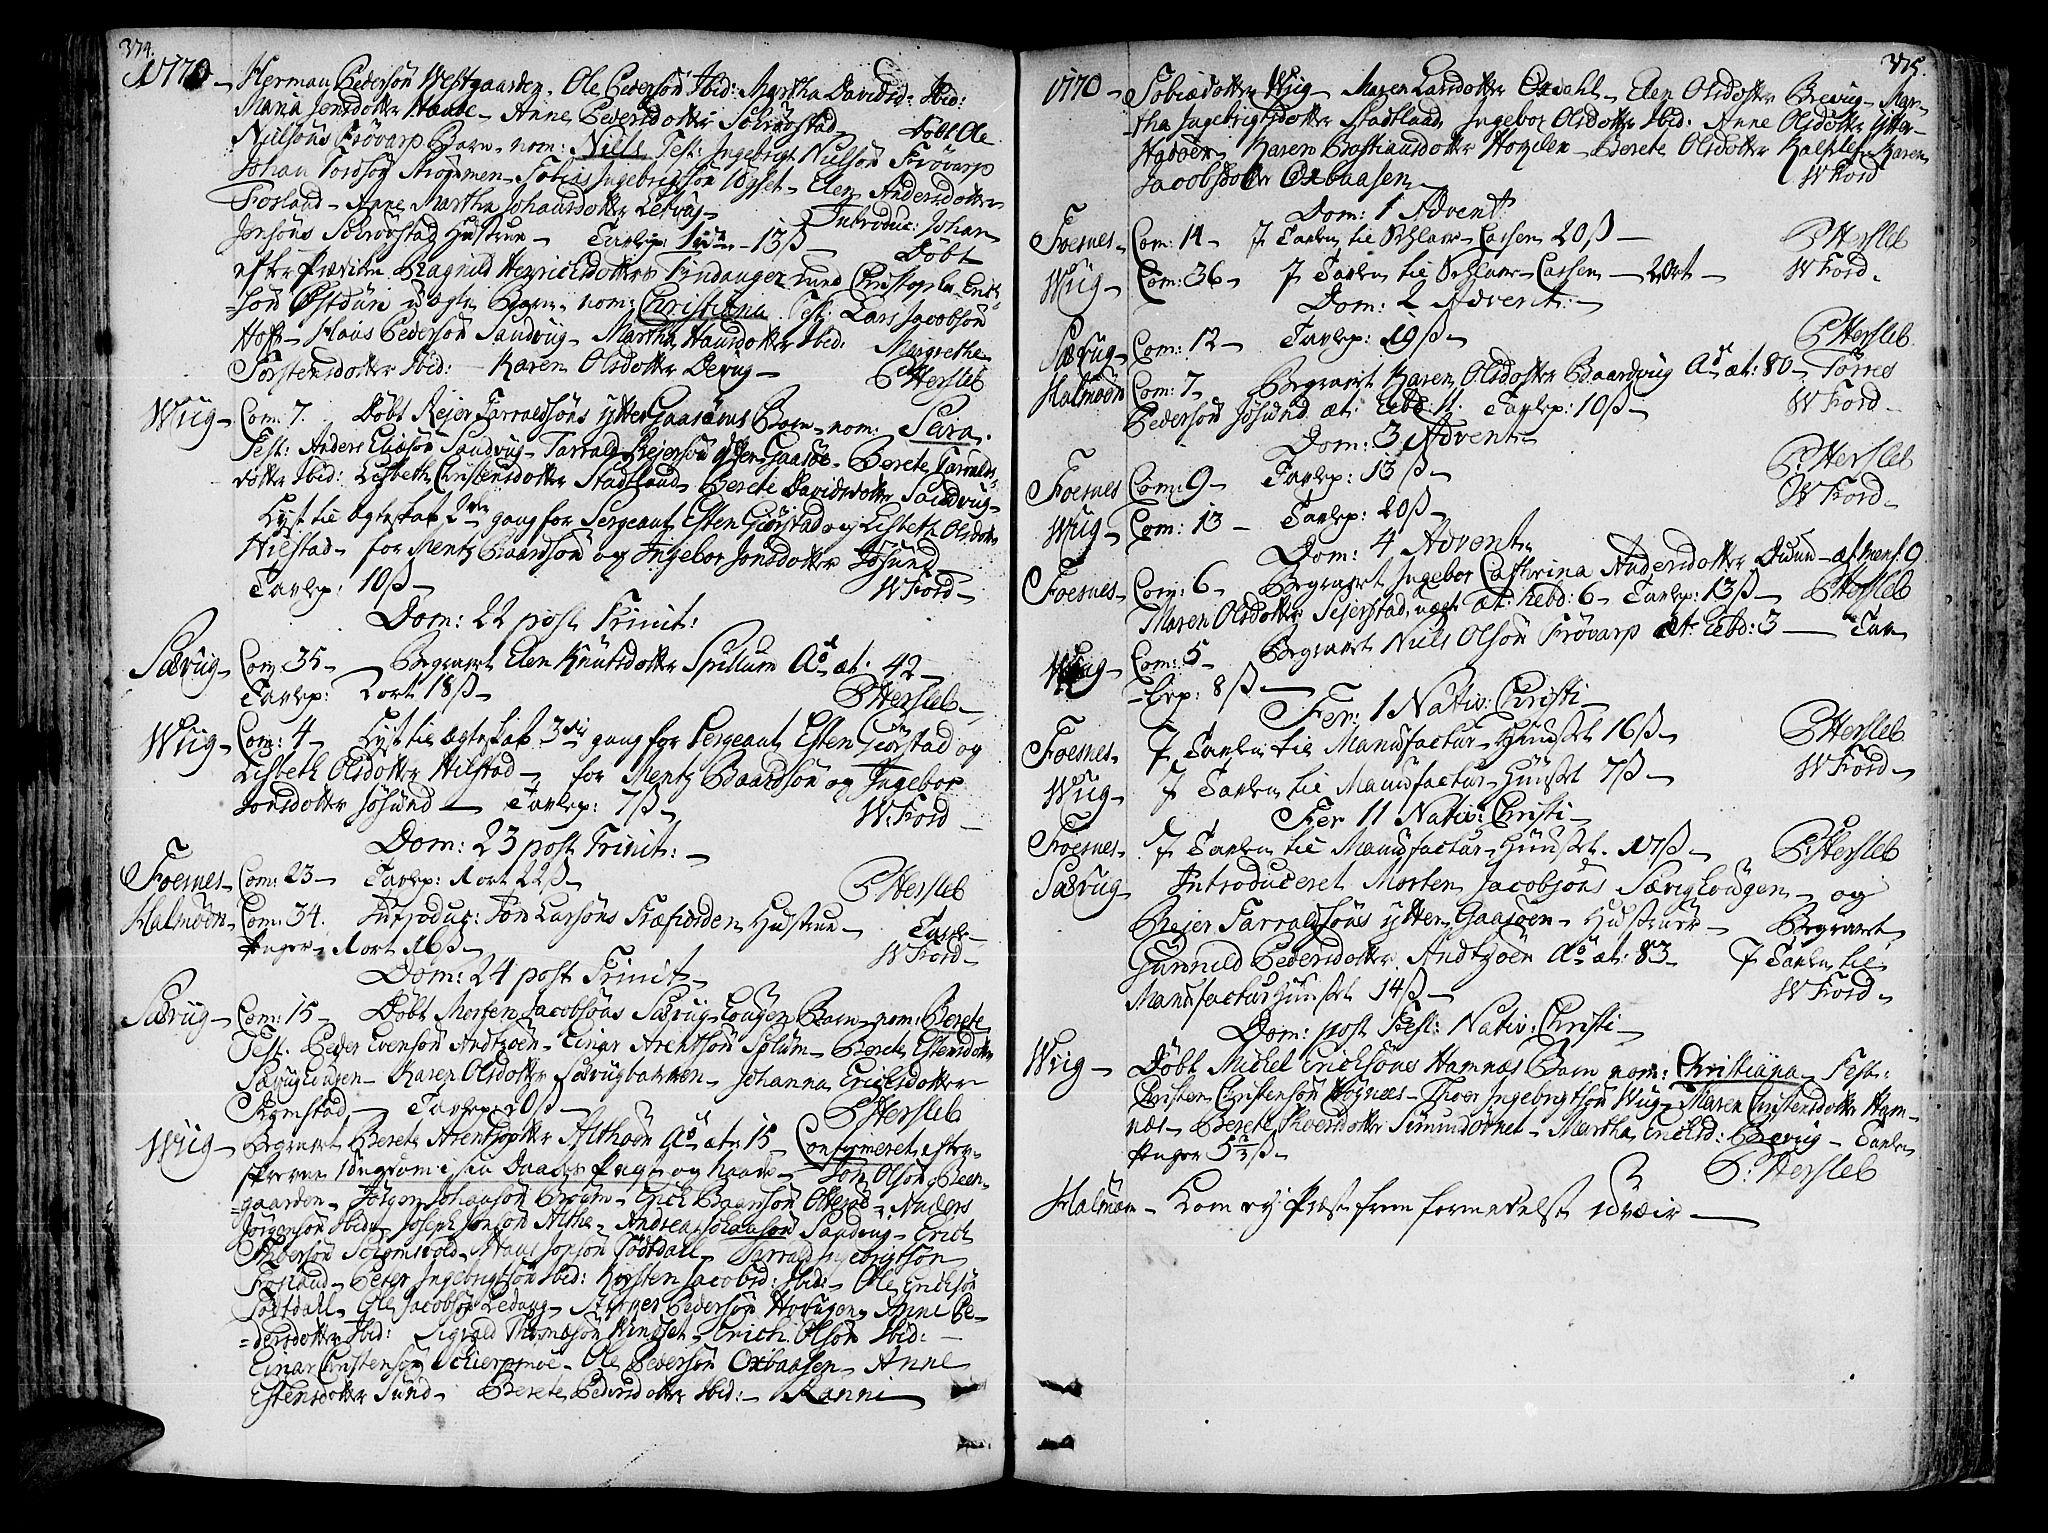 SAT, Ministerialprotokoller, klokkerbøker og fødselsregistre - Nord-Trøndelag, 773/L0607: Ministerialbok nr. 773A01, 1751-1783, s. 374-375